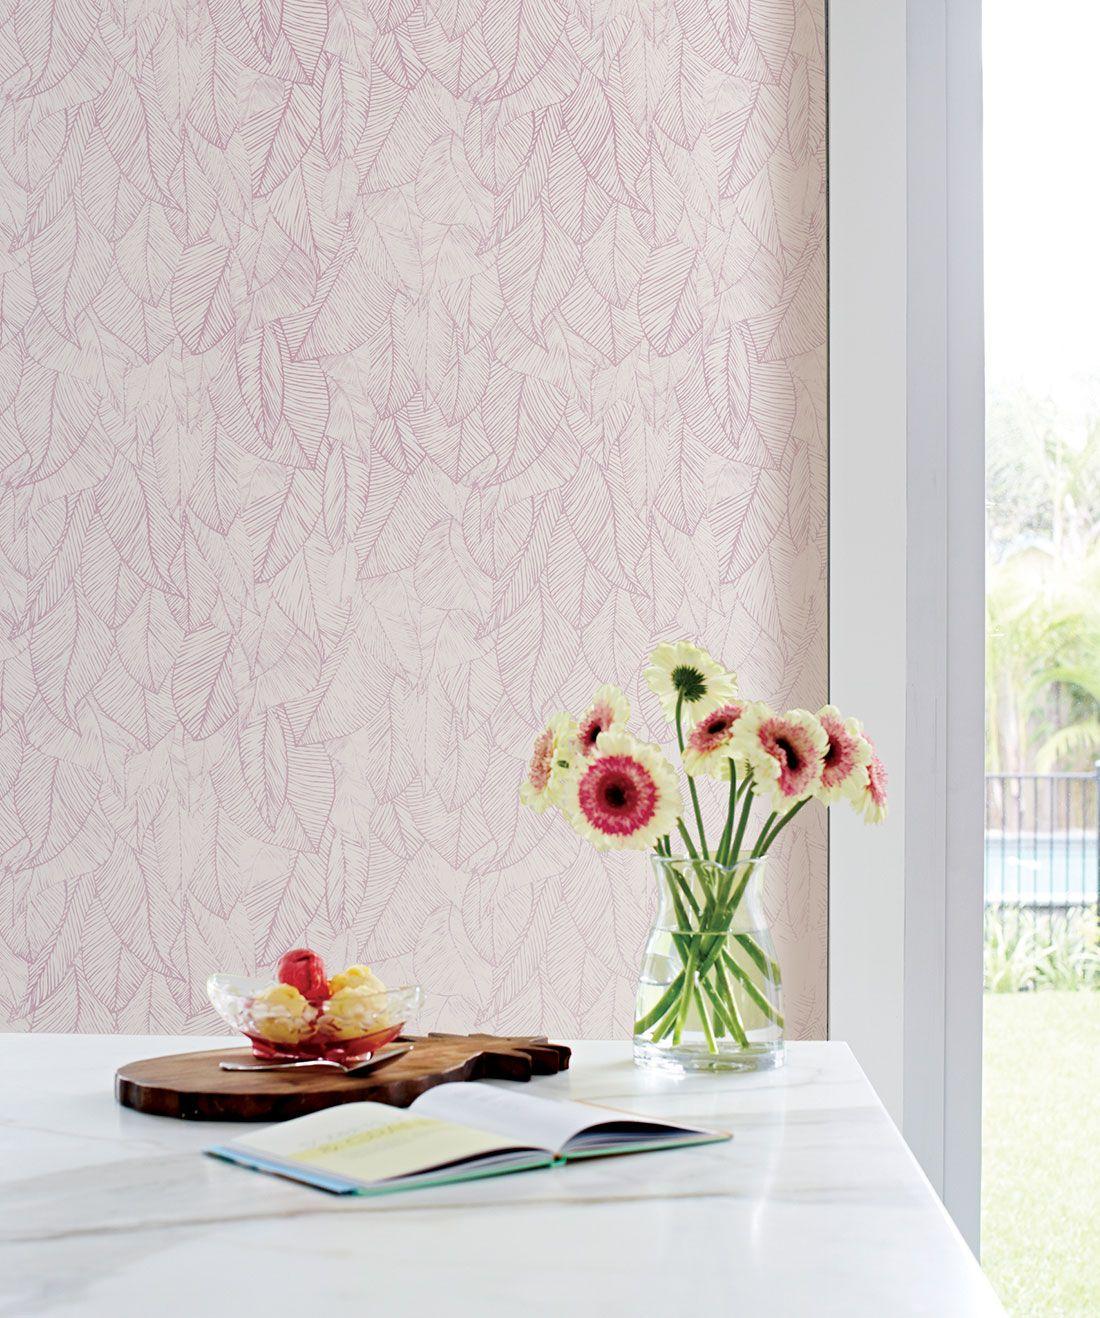 Bonfire Wallpaper Spectacular Leaf Design Milton King Leaf Wallpaper Wallpaper Traditional Wallpaper